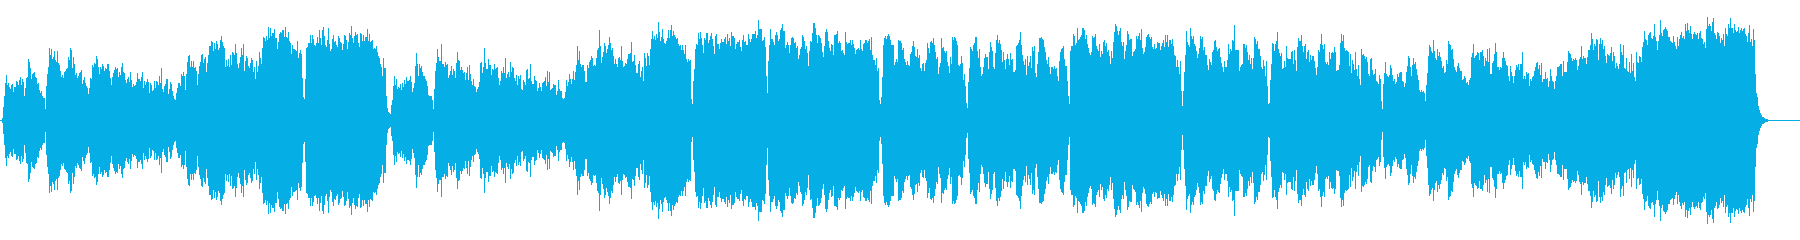 壮大なネイチャー風弦楽オーケストラ楽曲の再生済みの波形